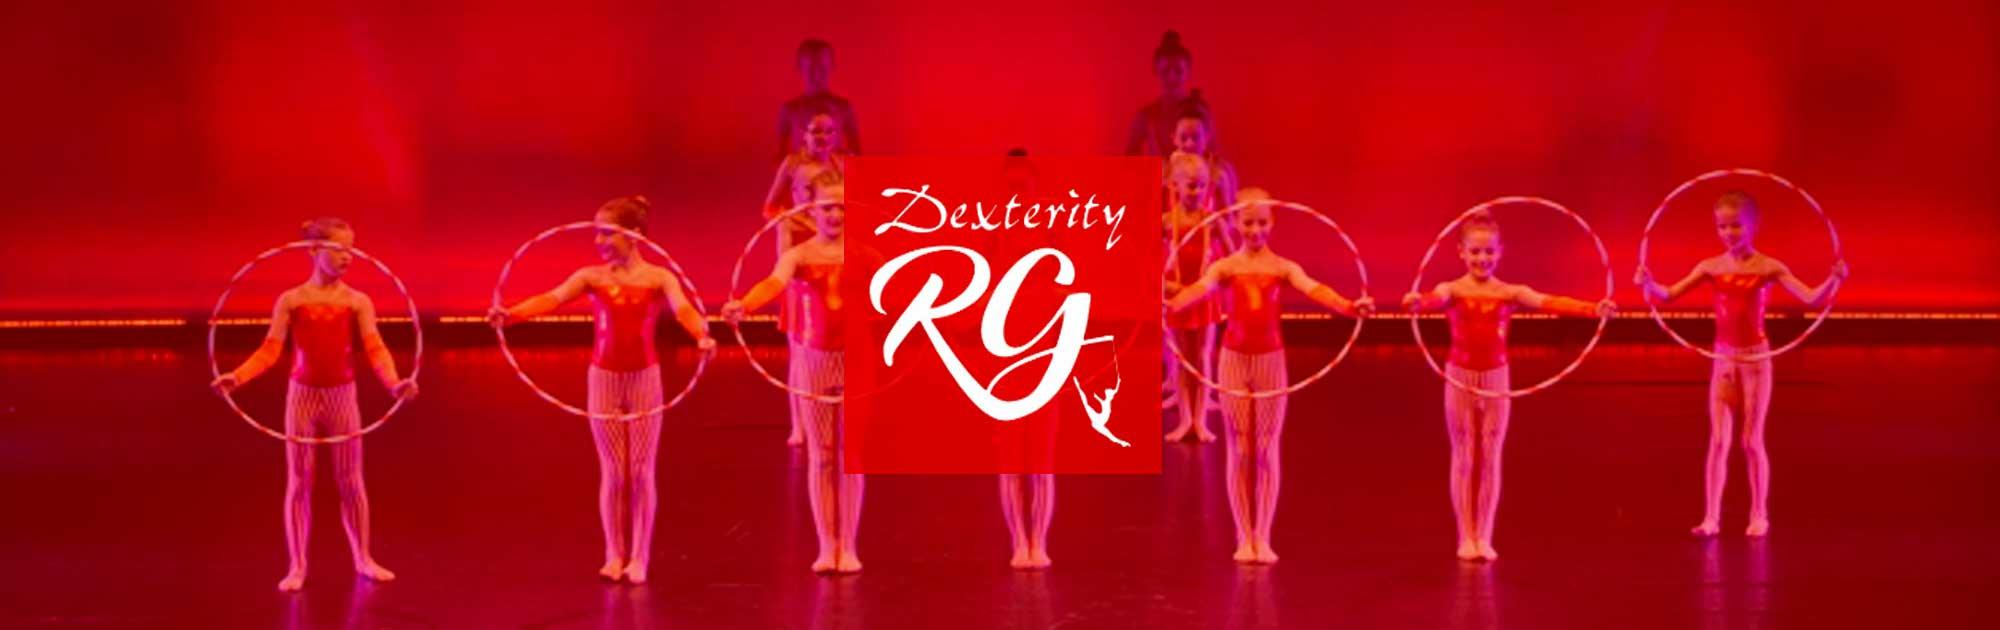 RGC logo slide